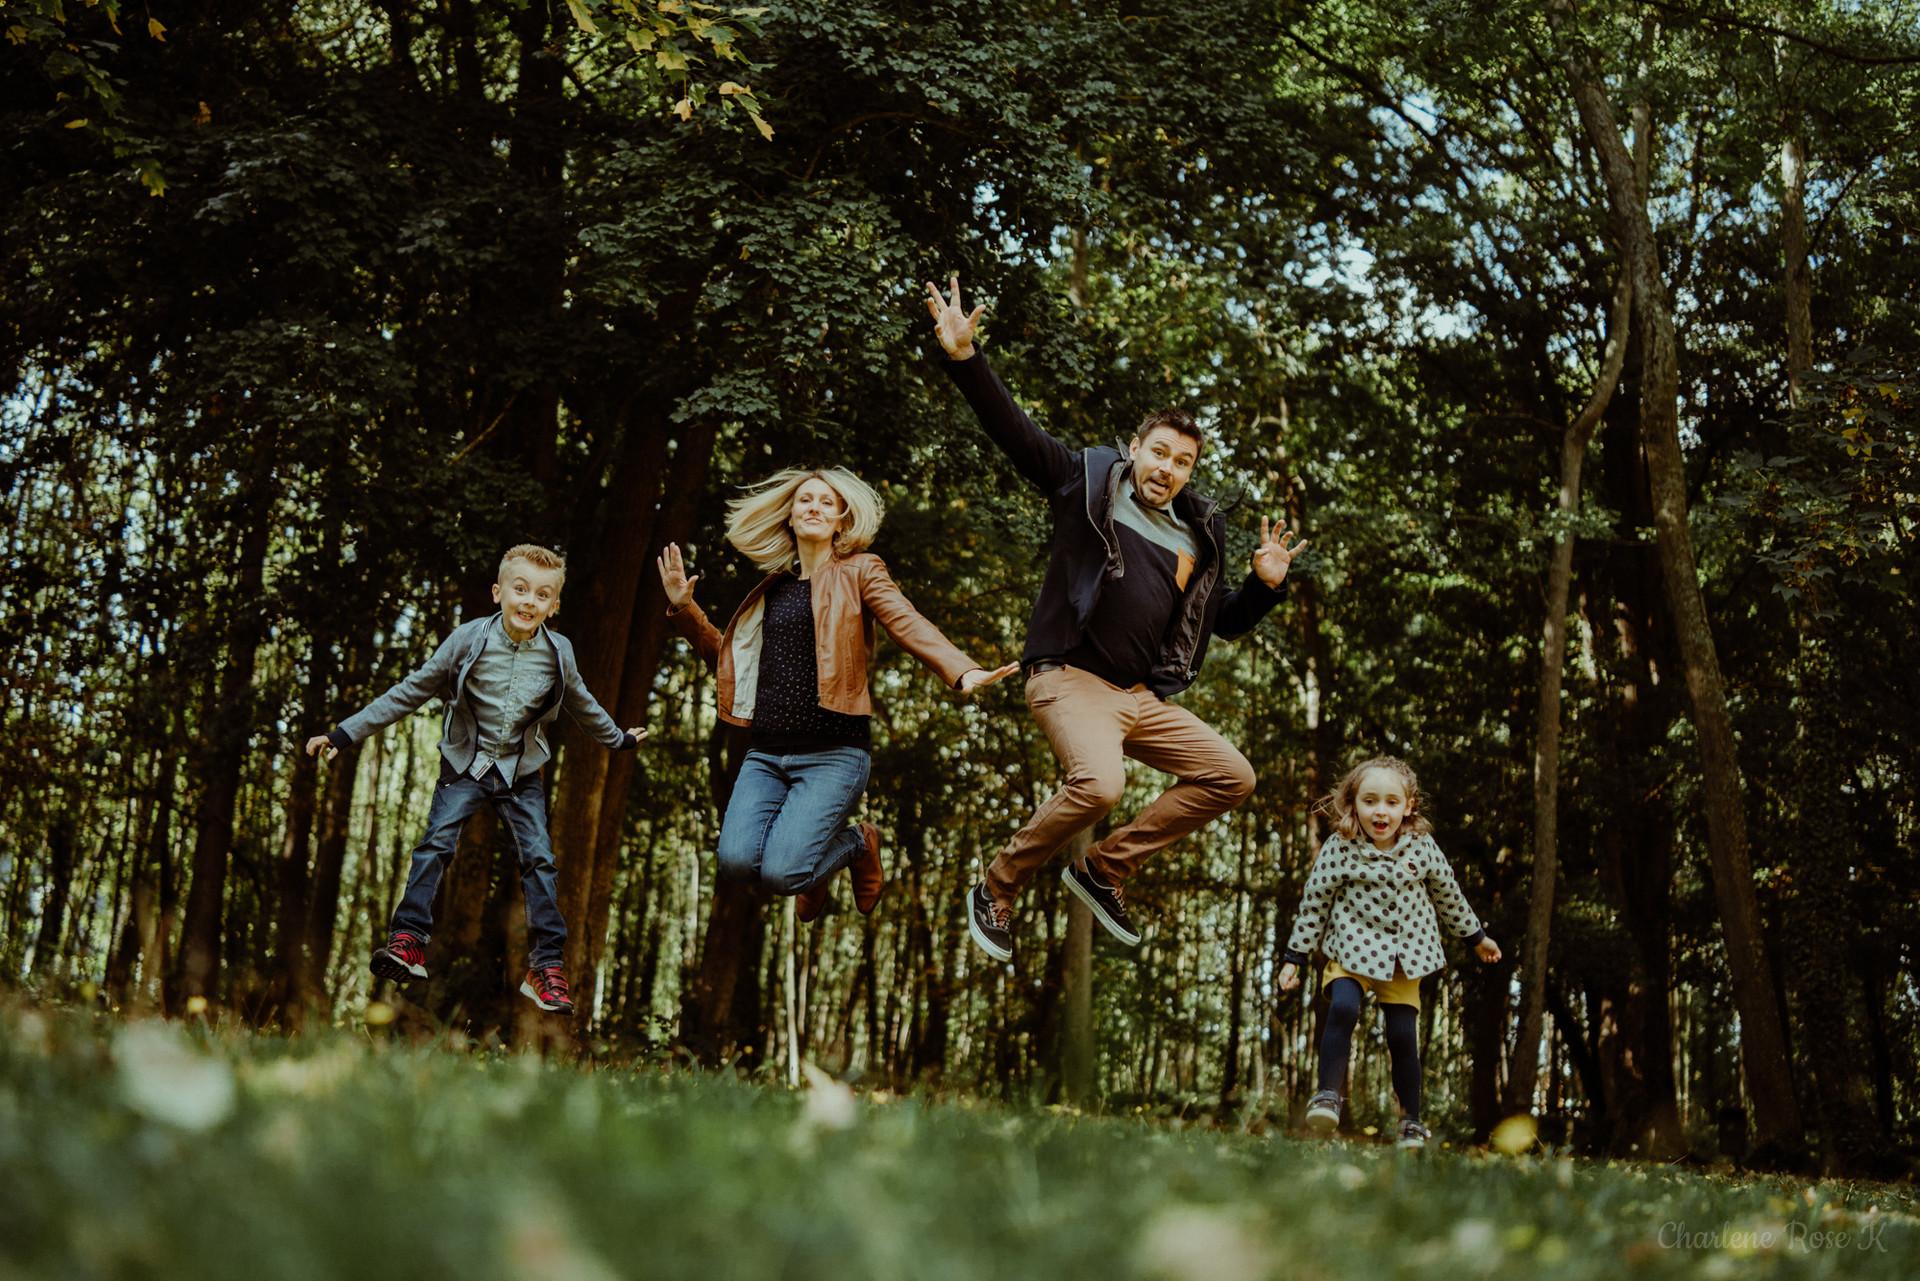 photographe-troyes-famille-enfants-exterieur-crk-21